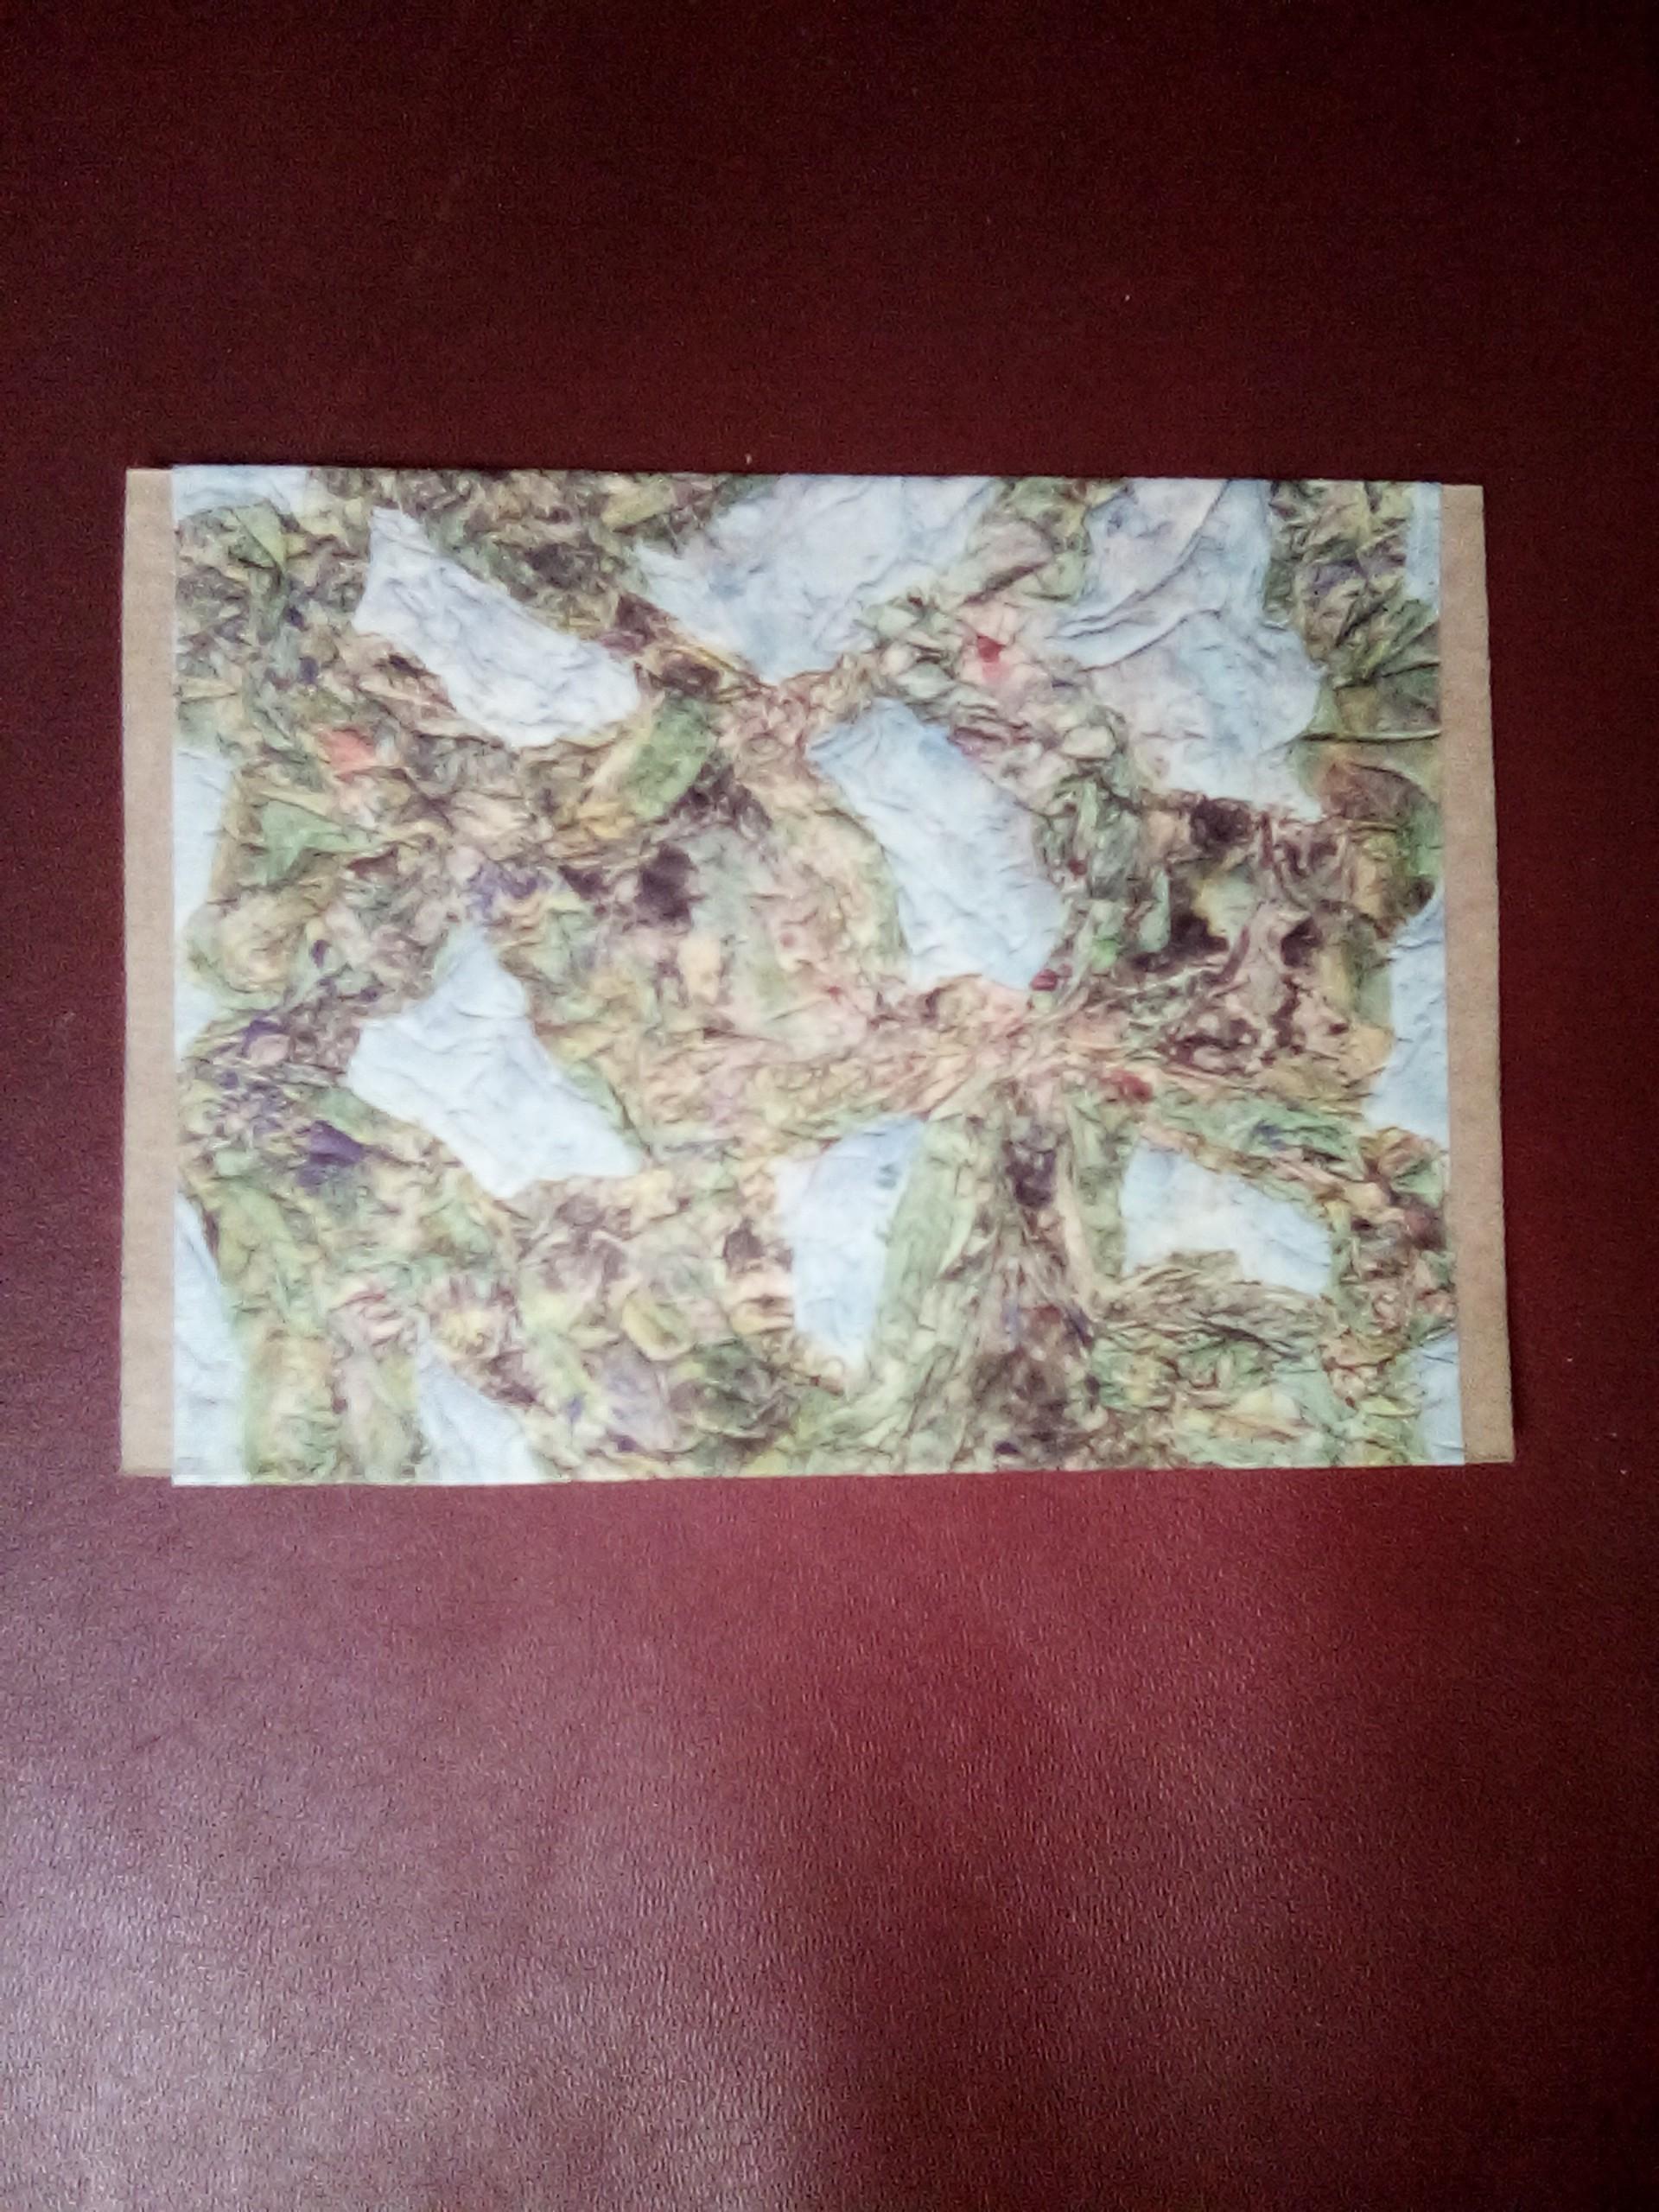 troc de troc carte faite maison image 0